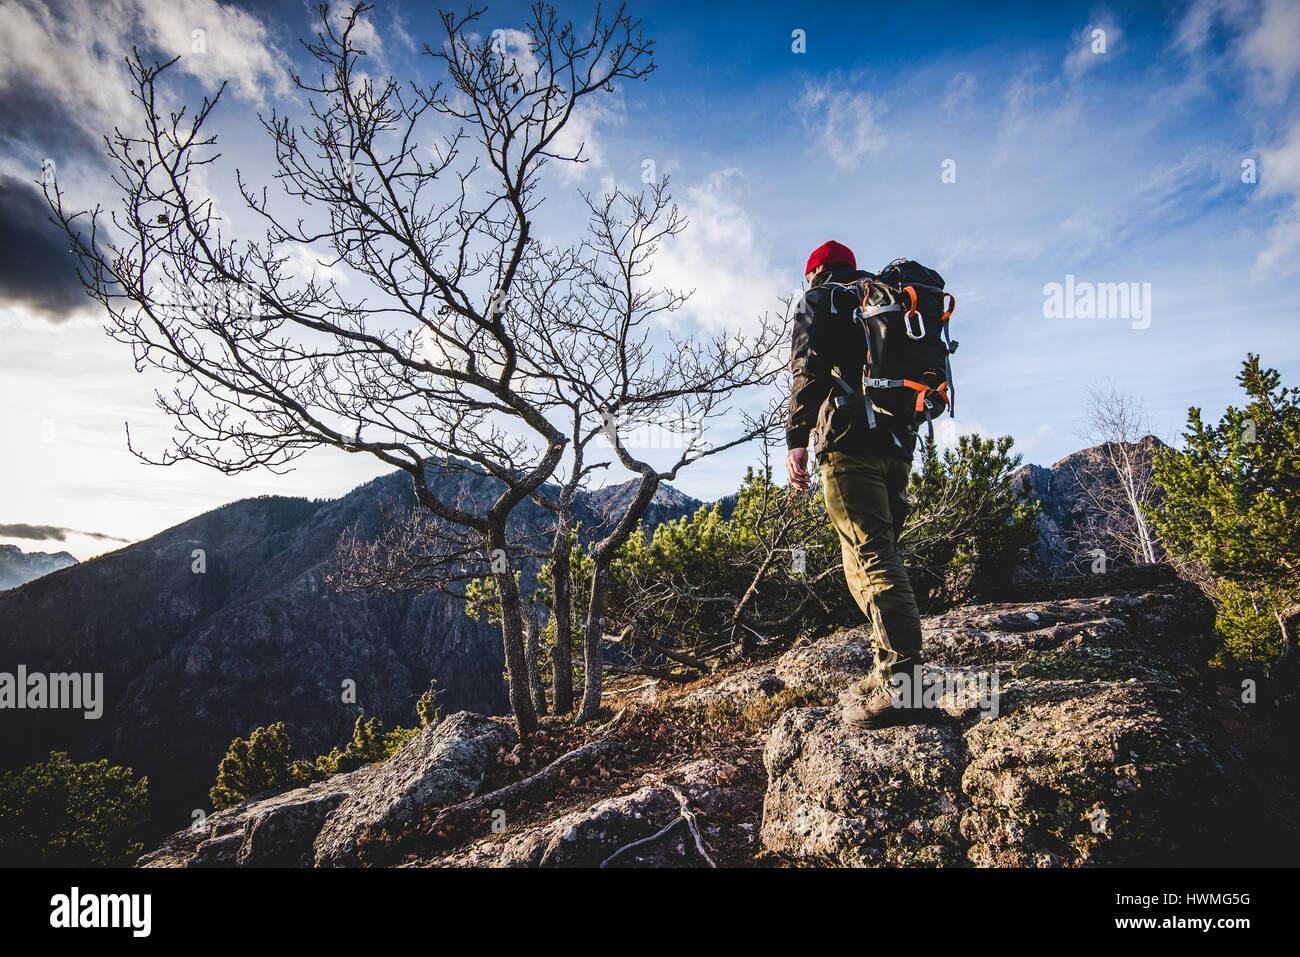 Caminante caminando por un sendero de montaña en el bosque - Wanderlust Travel concepto deportivo con gente de excursiónFoto de stock